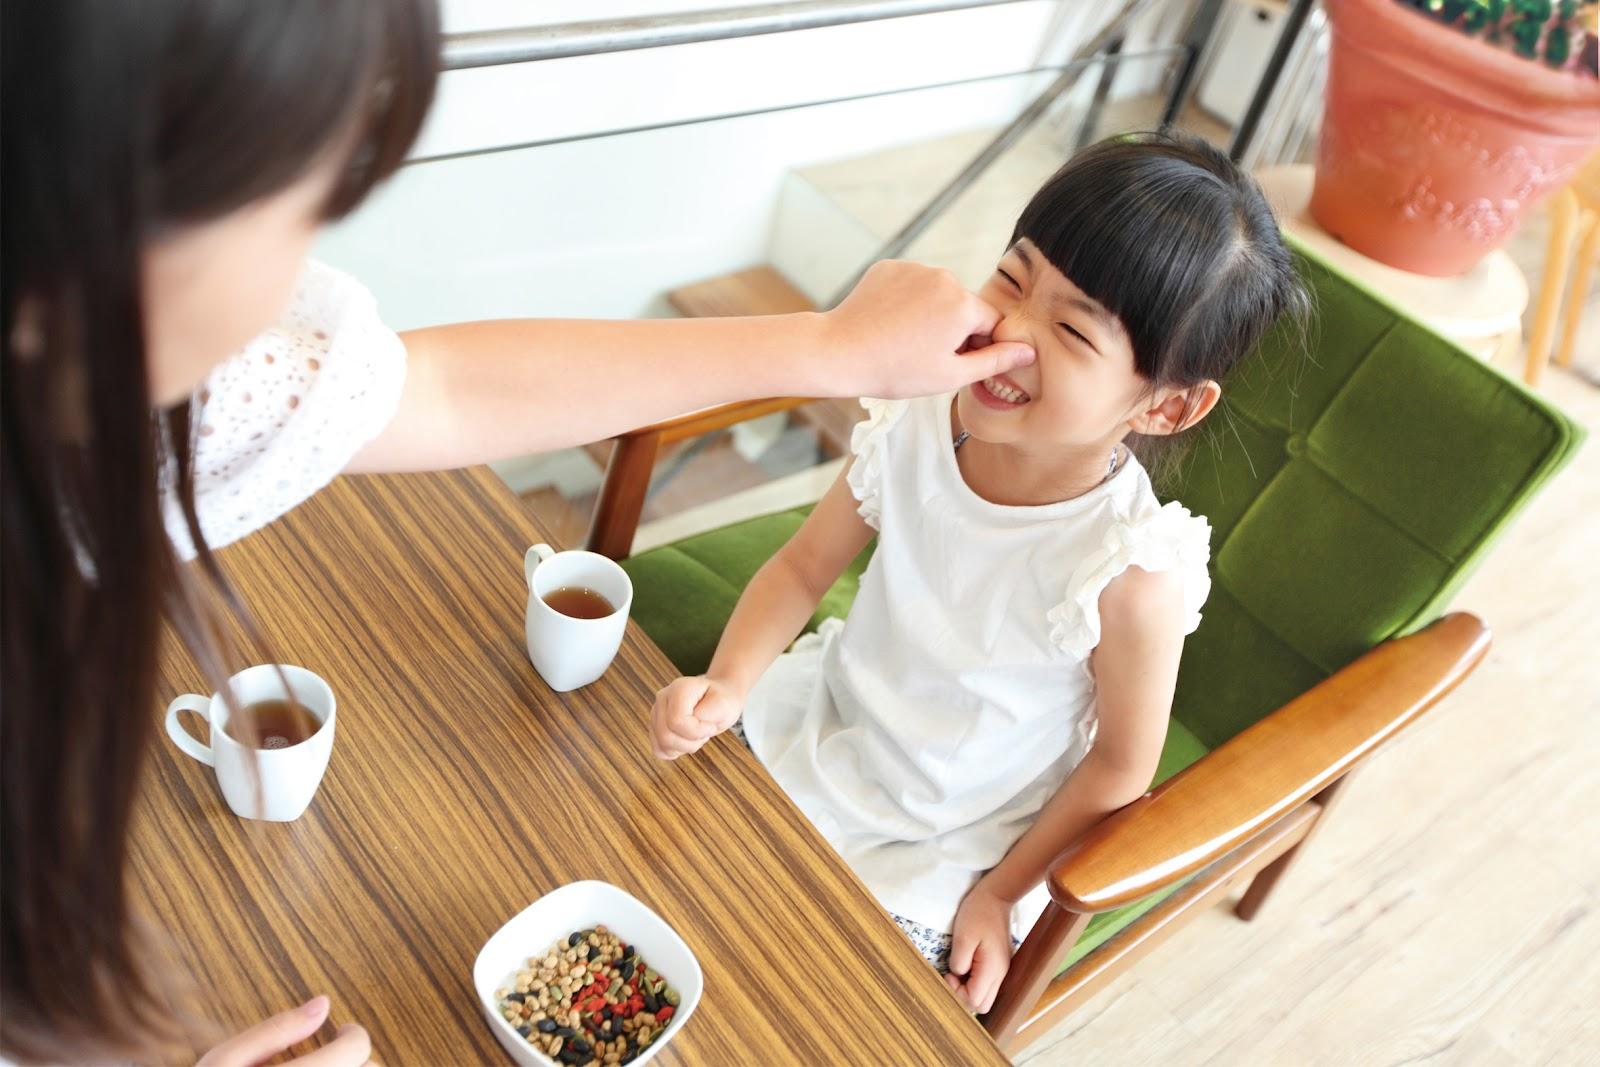 吾榖茶糧團購推薦~20種多樣口味,多樣團購推薦,一次購足豐富滿足